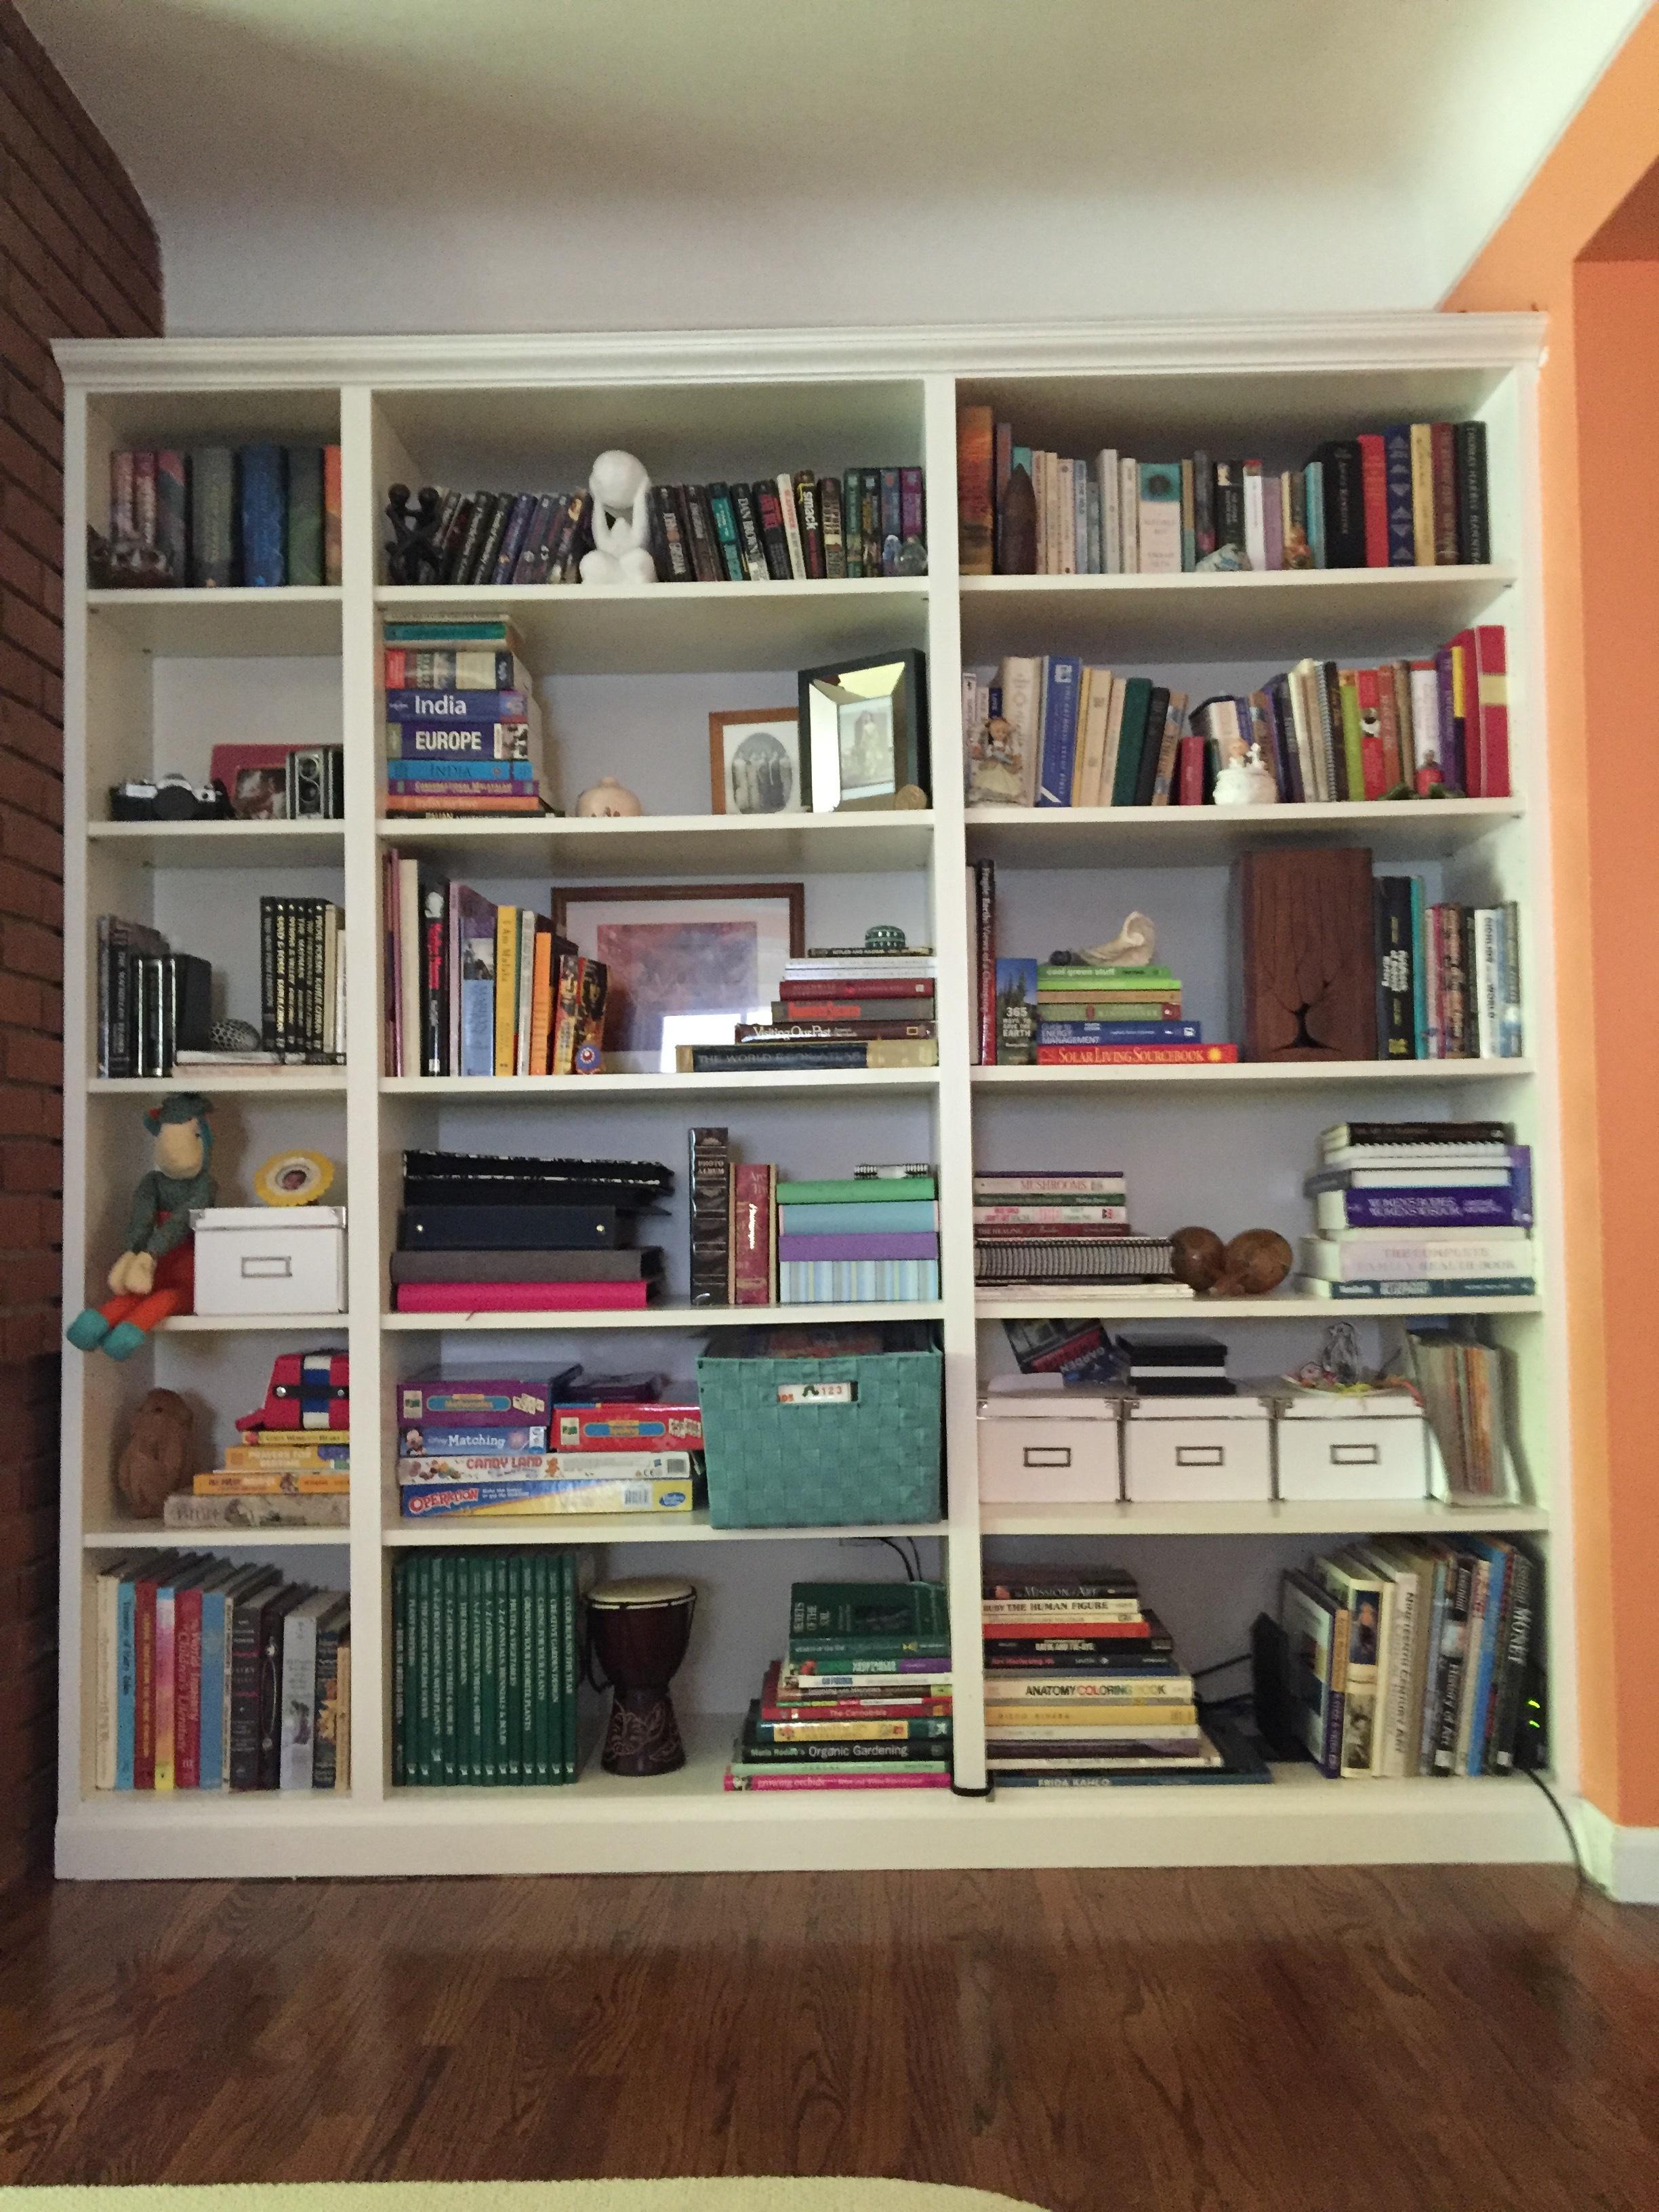 The right side bookshelf......